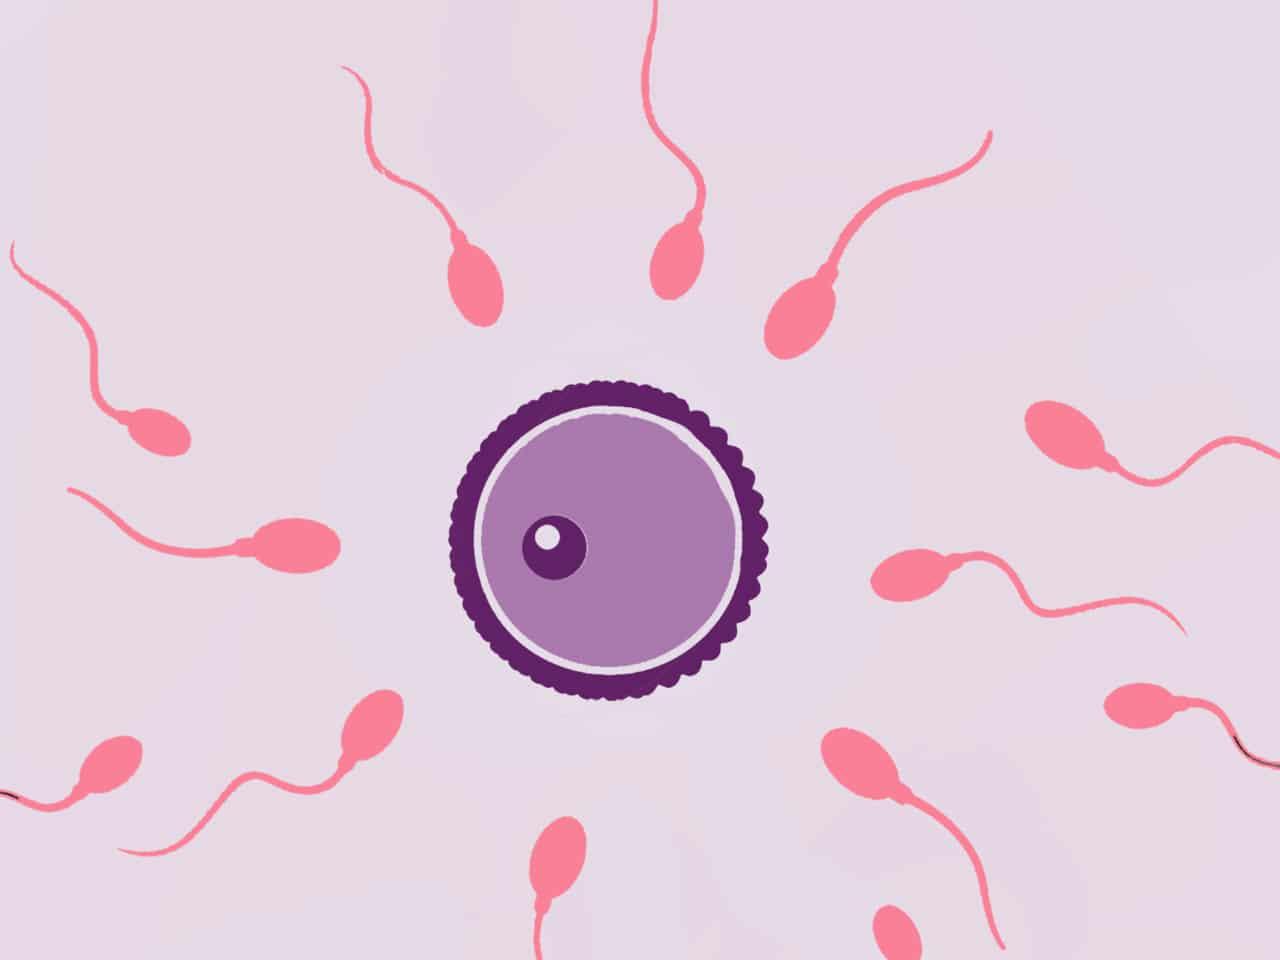 Das Spermium und die Spermienqualität können verbessert werden durch gesunde Ernährung bestehend aus Obst und Gemüse.